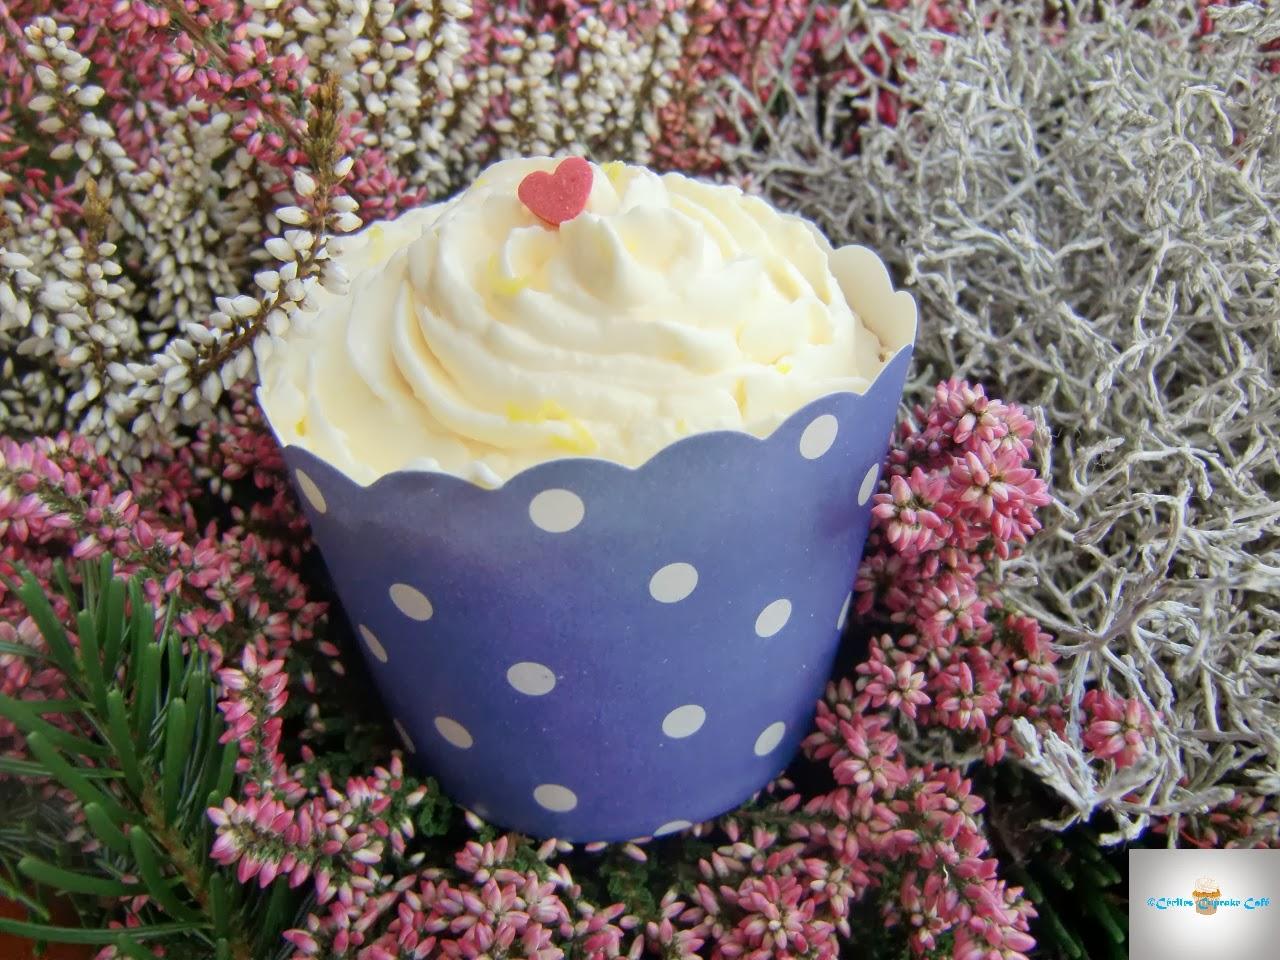 http://cecilecupcakecafe.blogspot.de/2014/03/himbeer-gries-cupcakes-mit.html